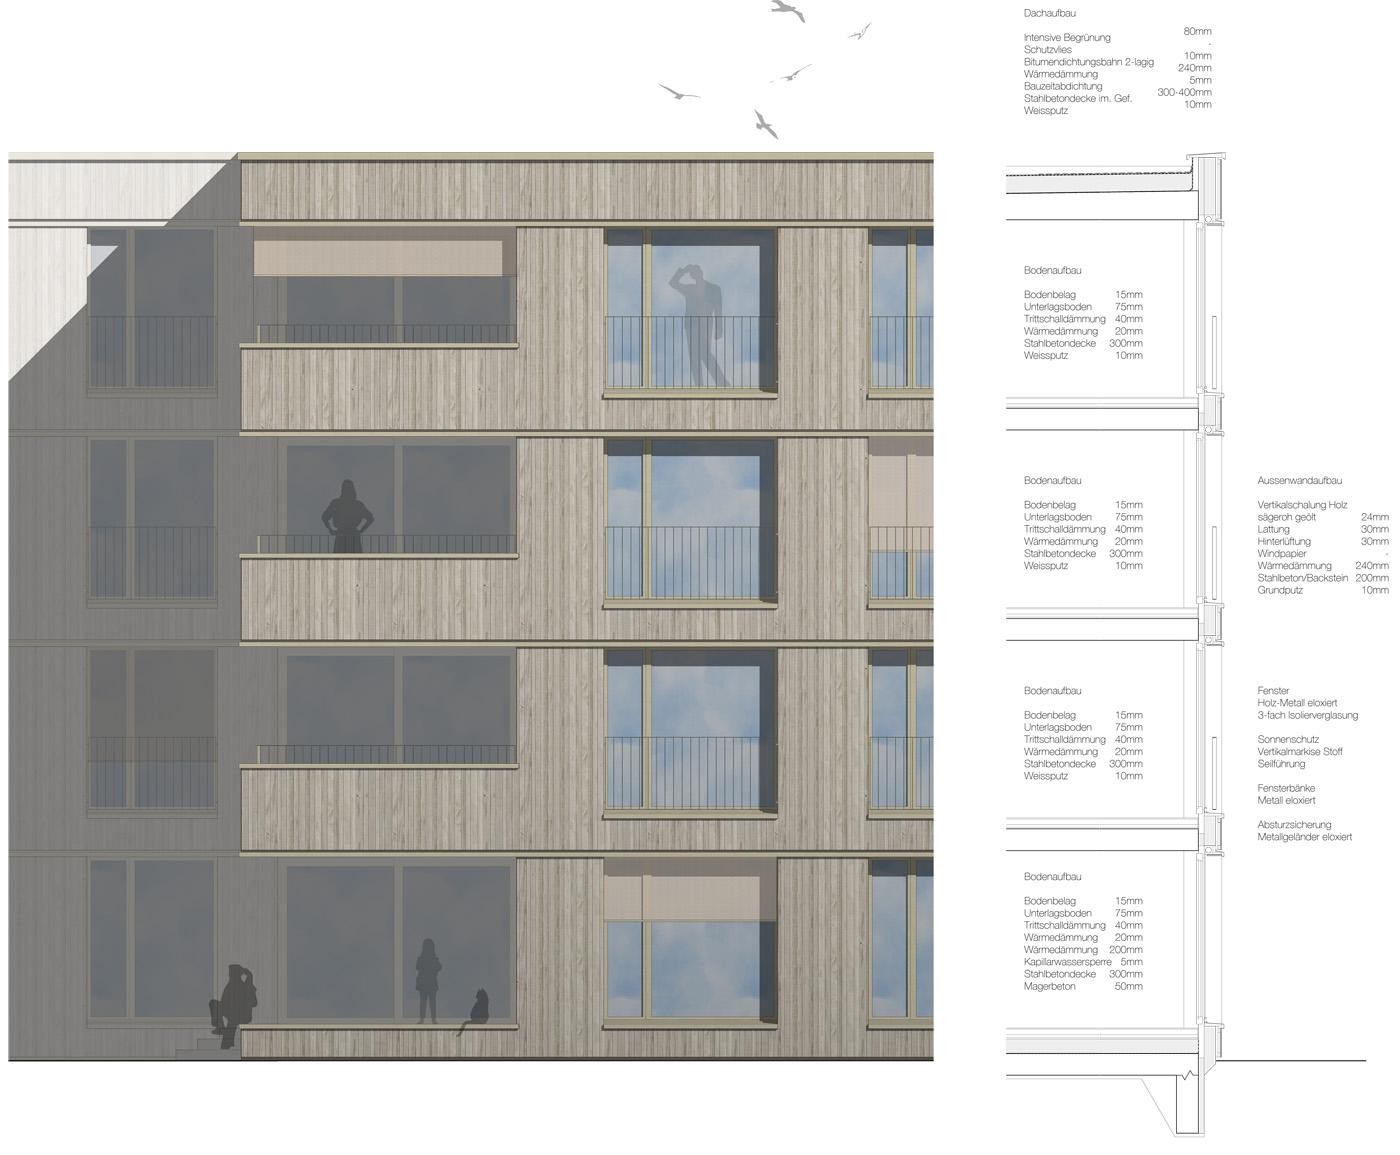 buan architekten – Projektwettbewerb Weinhalde Kriens – Materialisierung Fassade